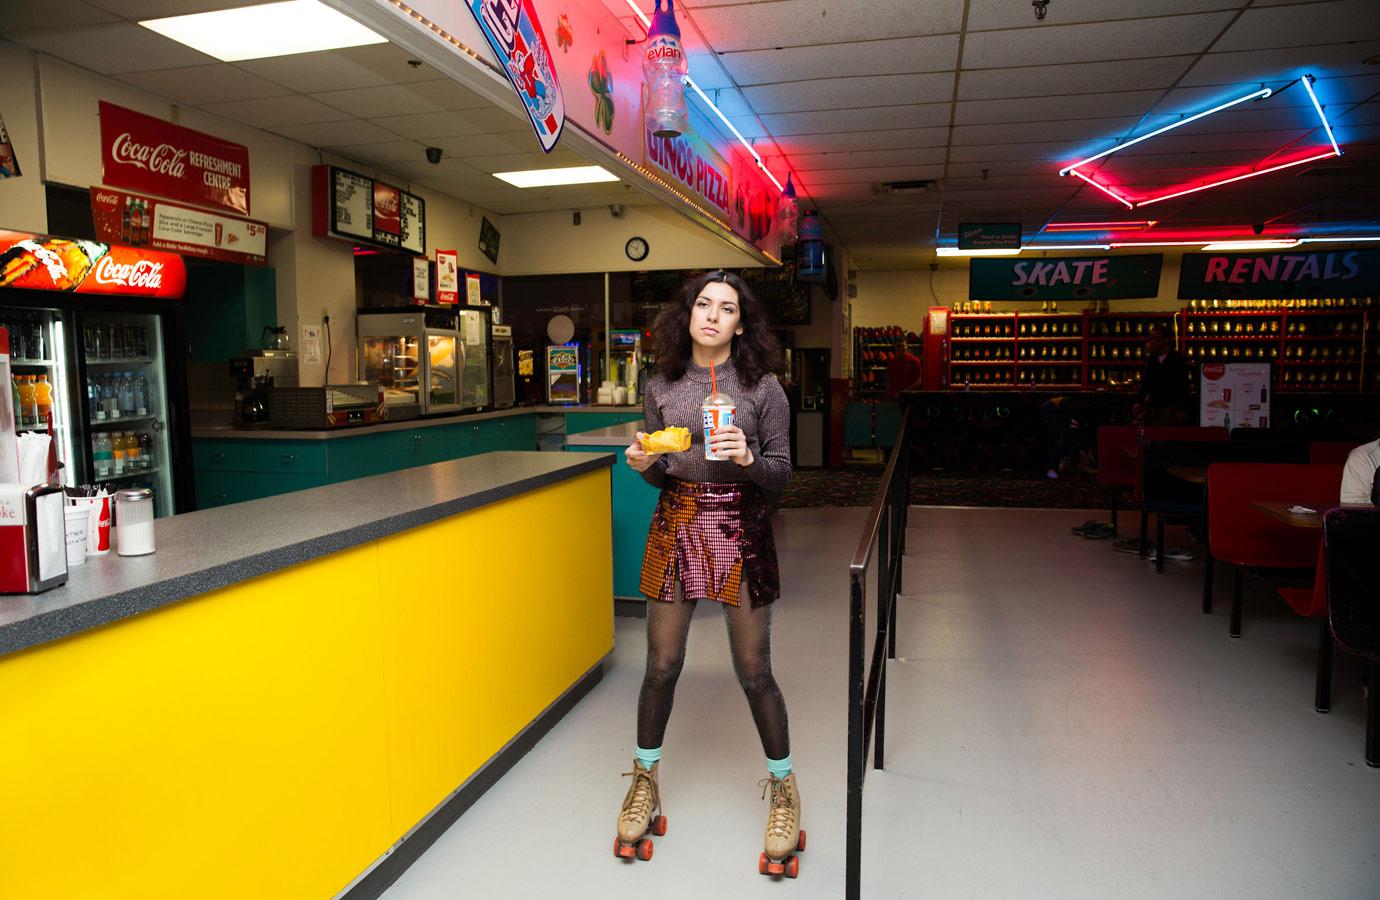 Тема: Новые таланты, июль 2017, © Тесла Стакей, Фотоконкурс «Независимый фотограф» — The Independent Photographer